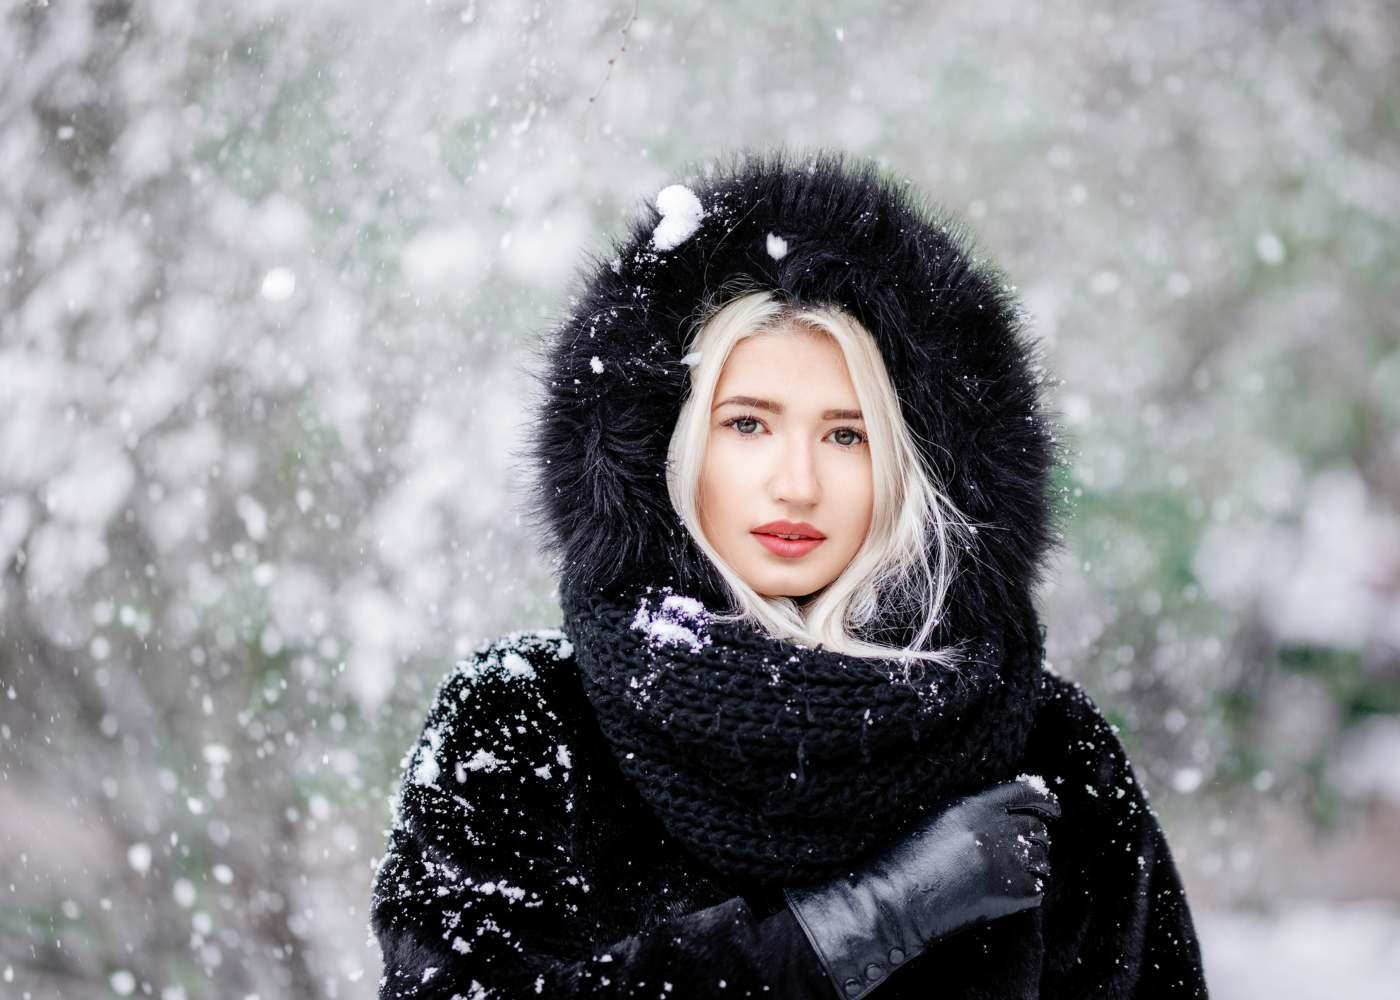 Moda · mulher · compensar · casaco · de · pele · modelo